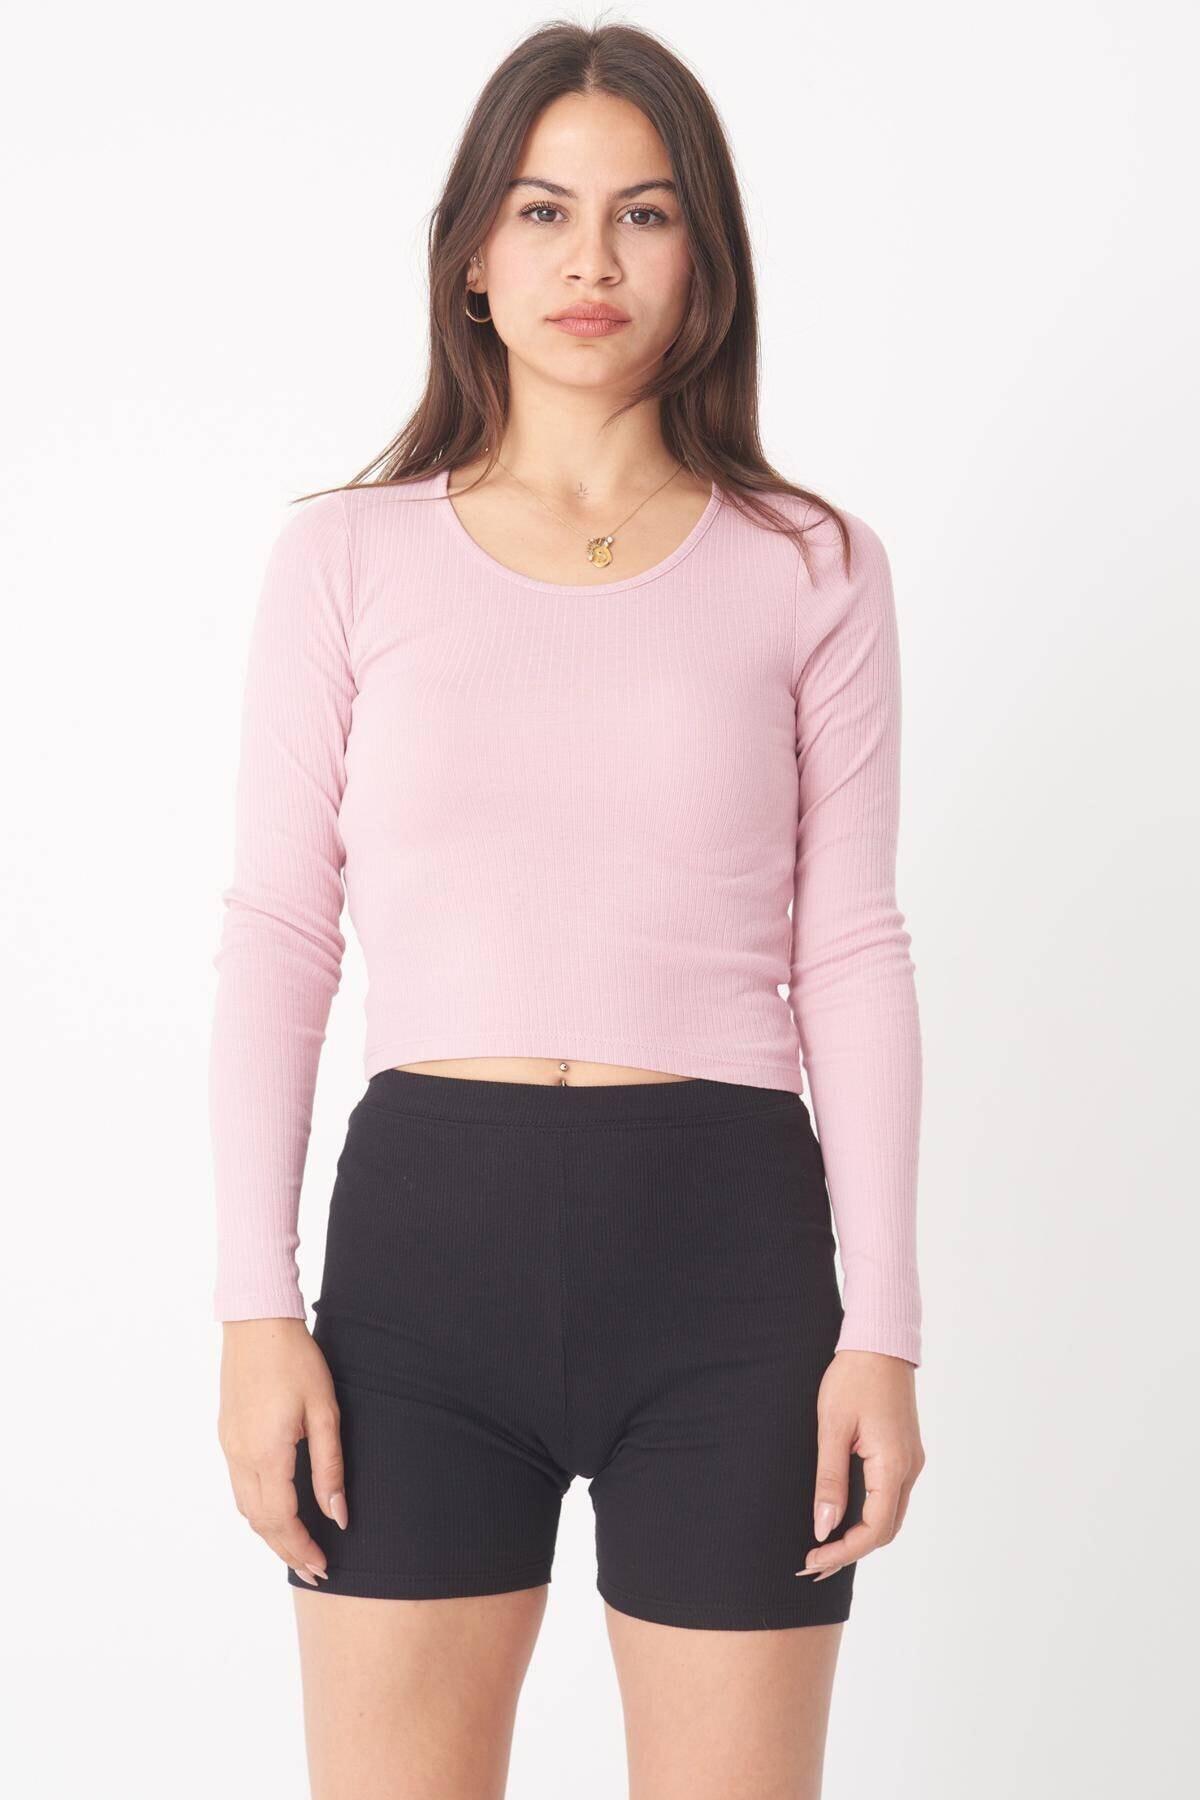 Addax Kadın Pale Uzun Kollu Bluz B1069 - W12 Adx-0000023026 1